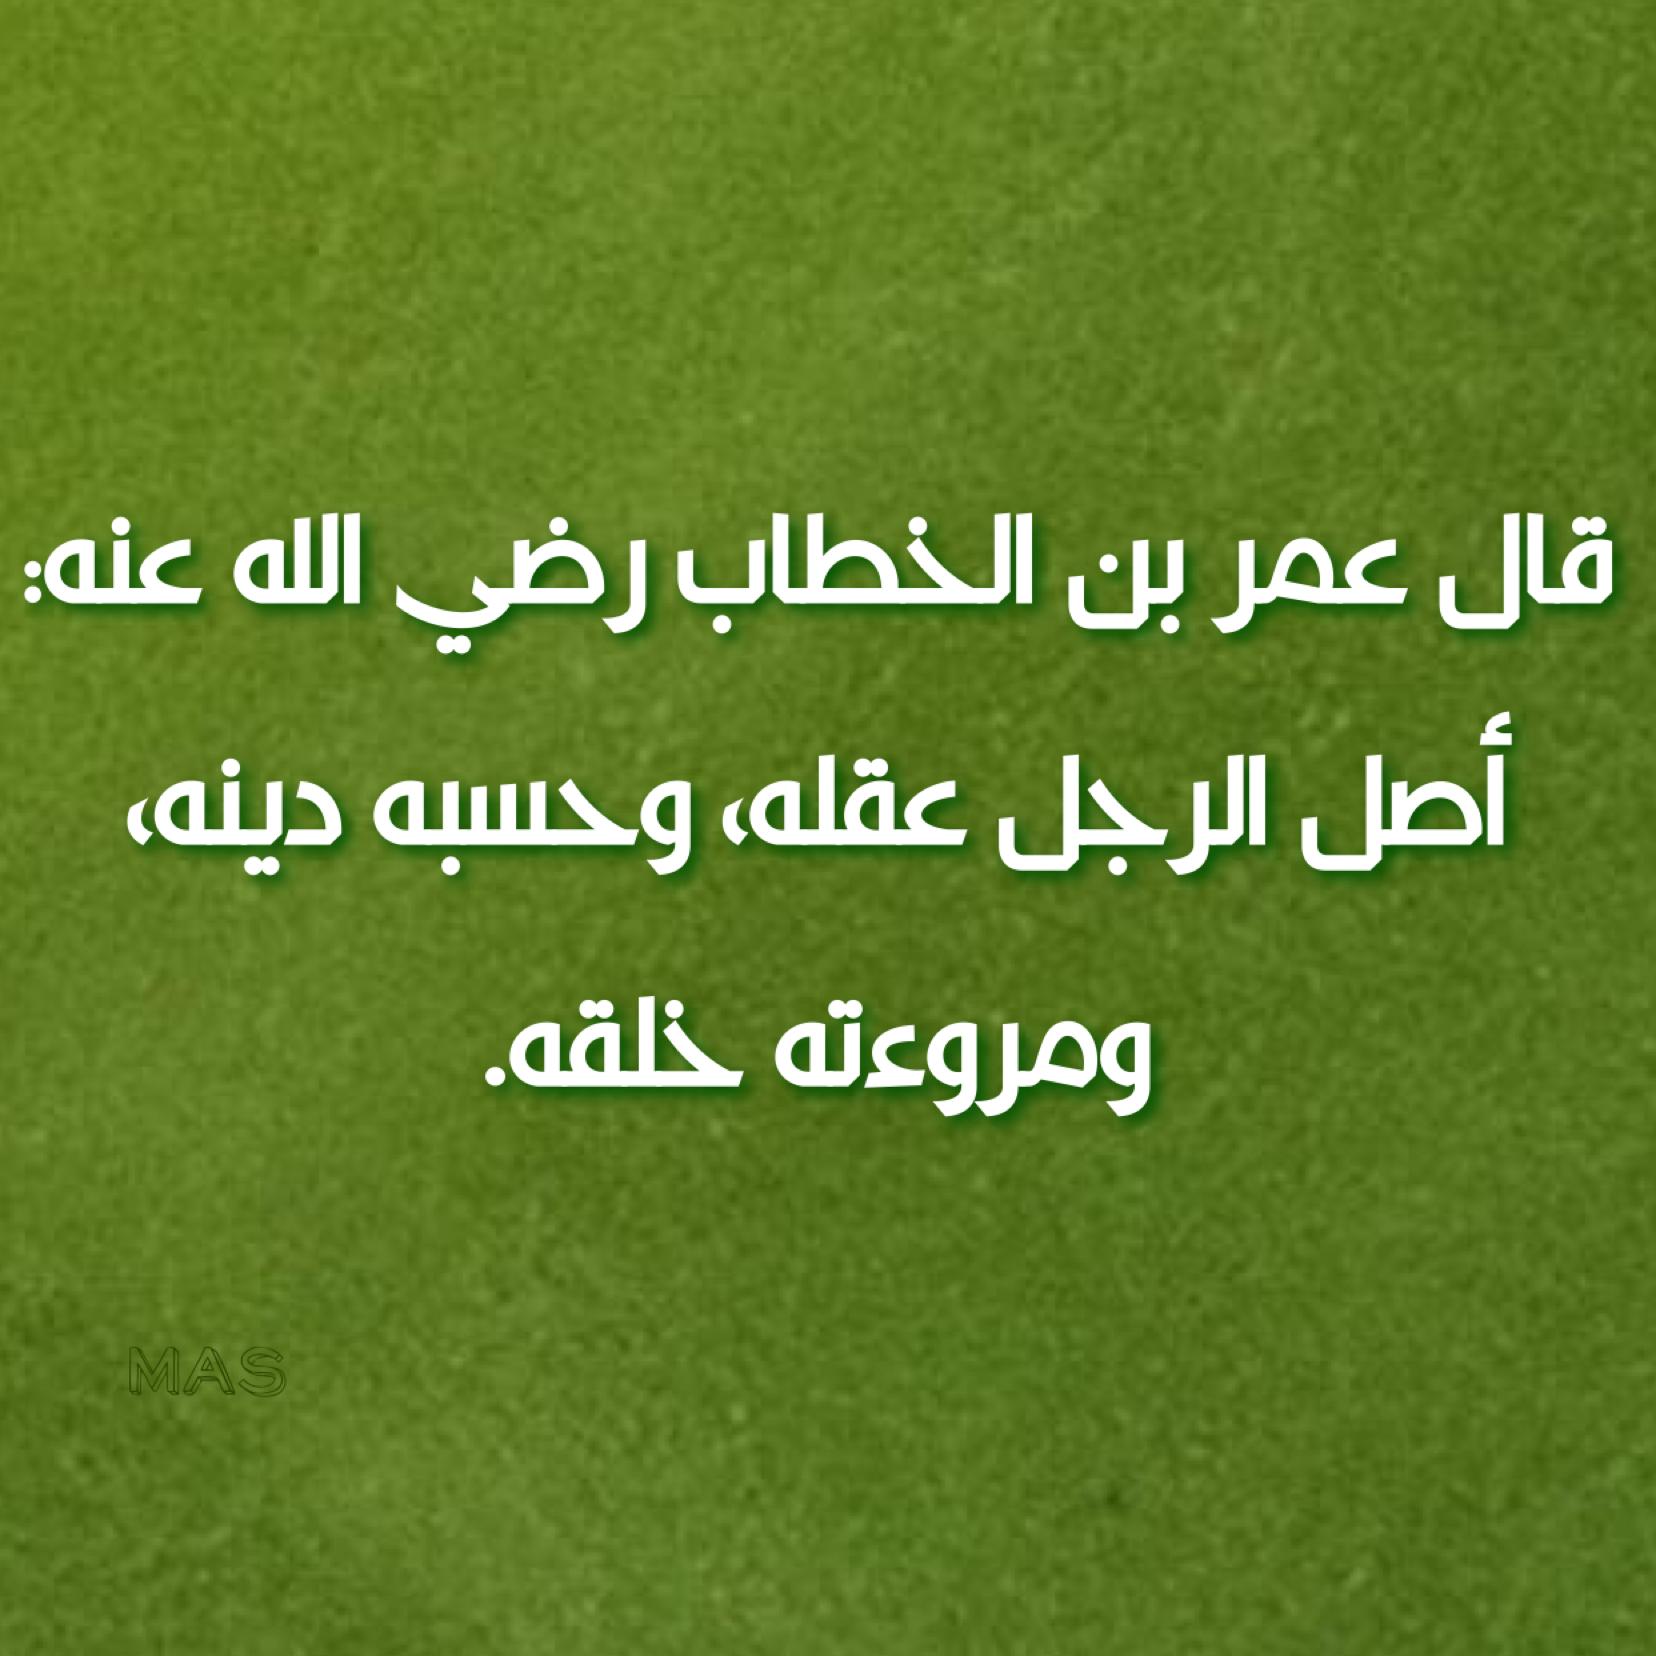 بالصور حكم روعه , حكم وامثال روعه 3357